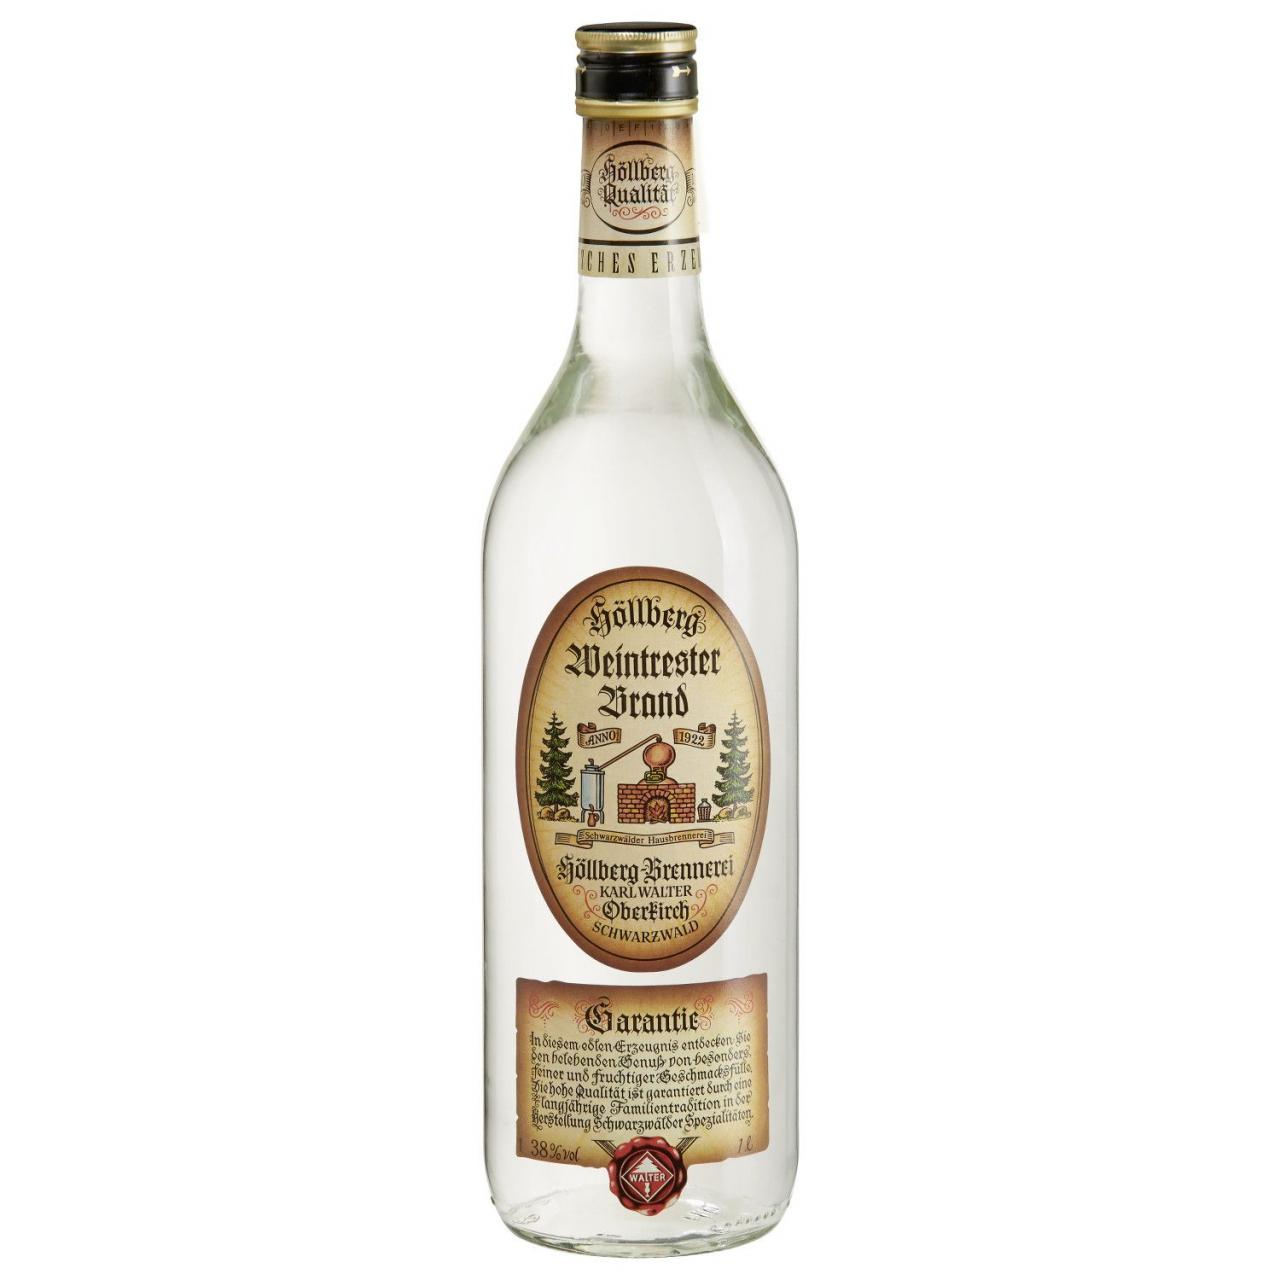 1,0 Liter Flasche Höllberg Weintrester-Brand